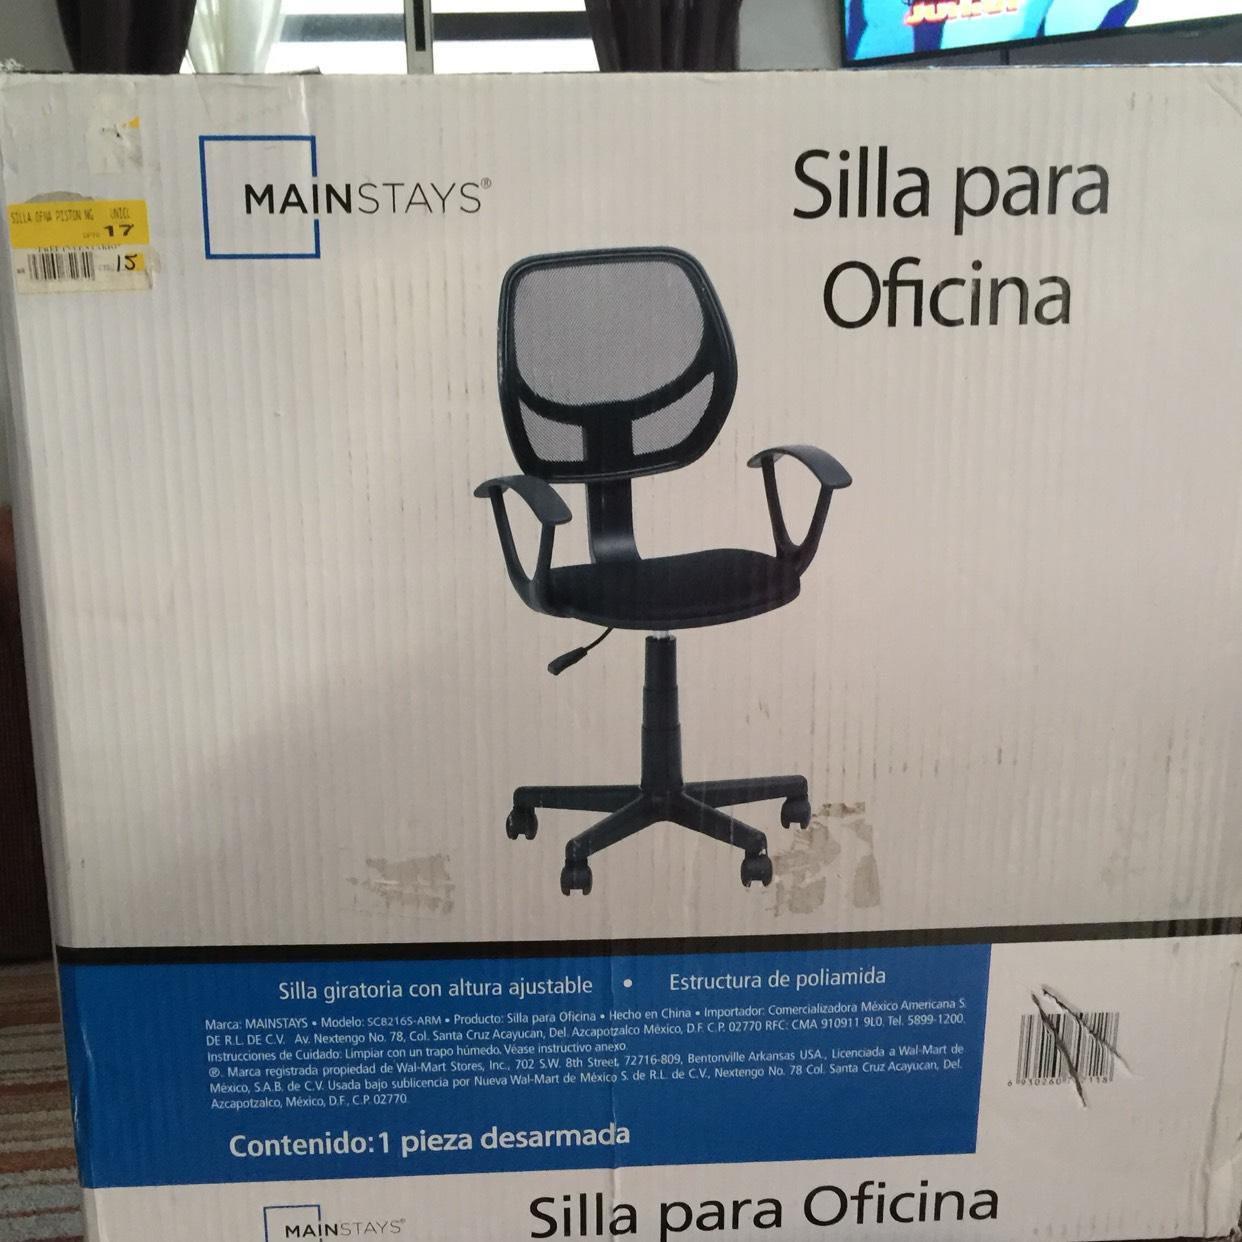 Bodega Aurrerá: Silla para oficina a $82.01